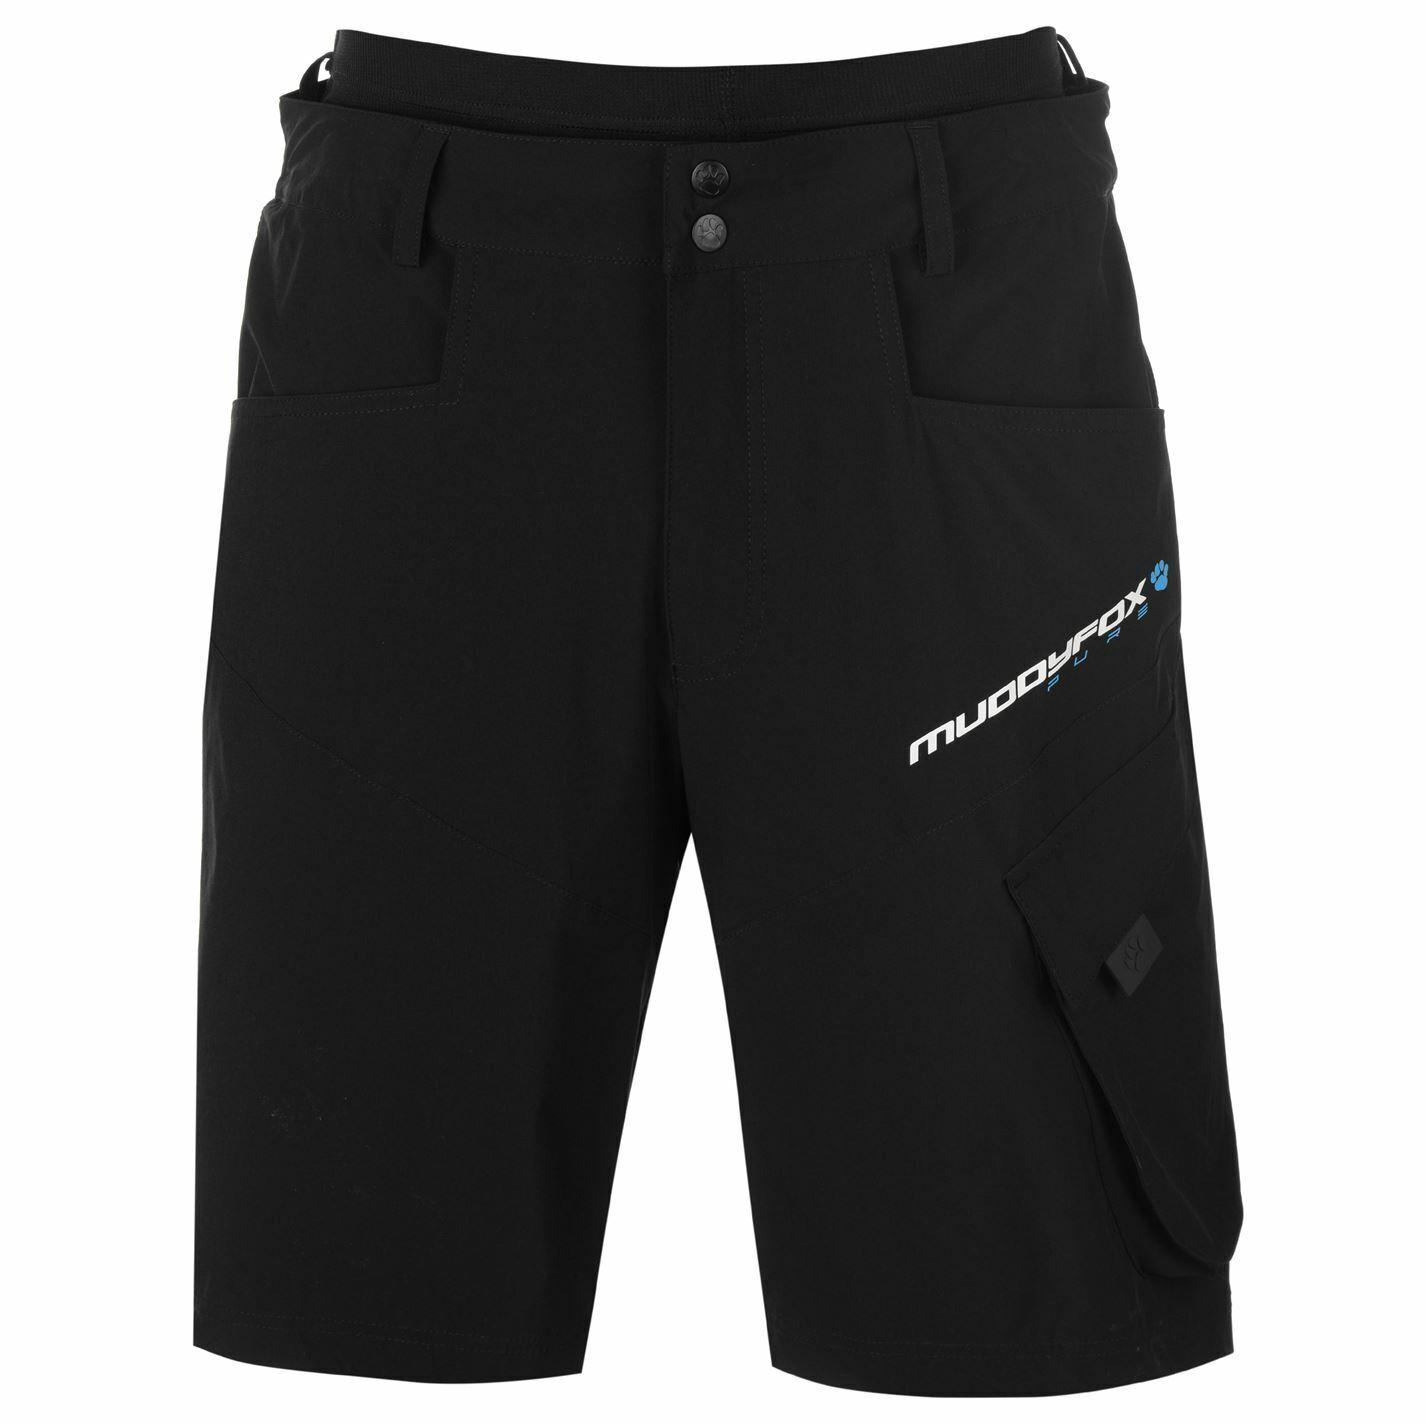 Muddyfox Pure mshort para hombre Caballeros Culote Pantalones Pantalones  Pantalones  hasta un 50% de descuento